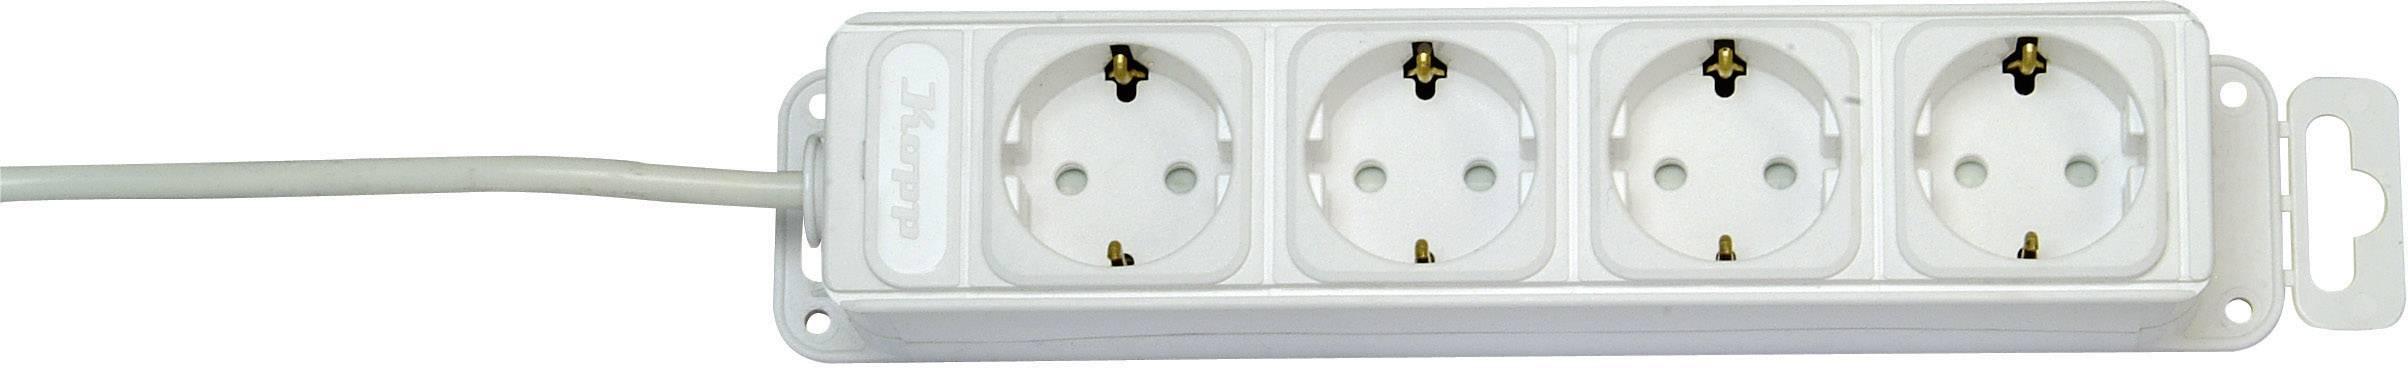 Zásuvková lišta Kopp, 4 zásuvky, biela